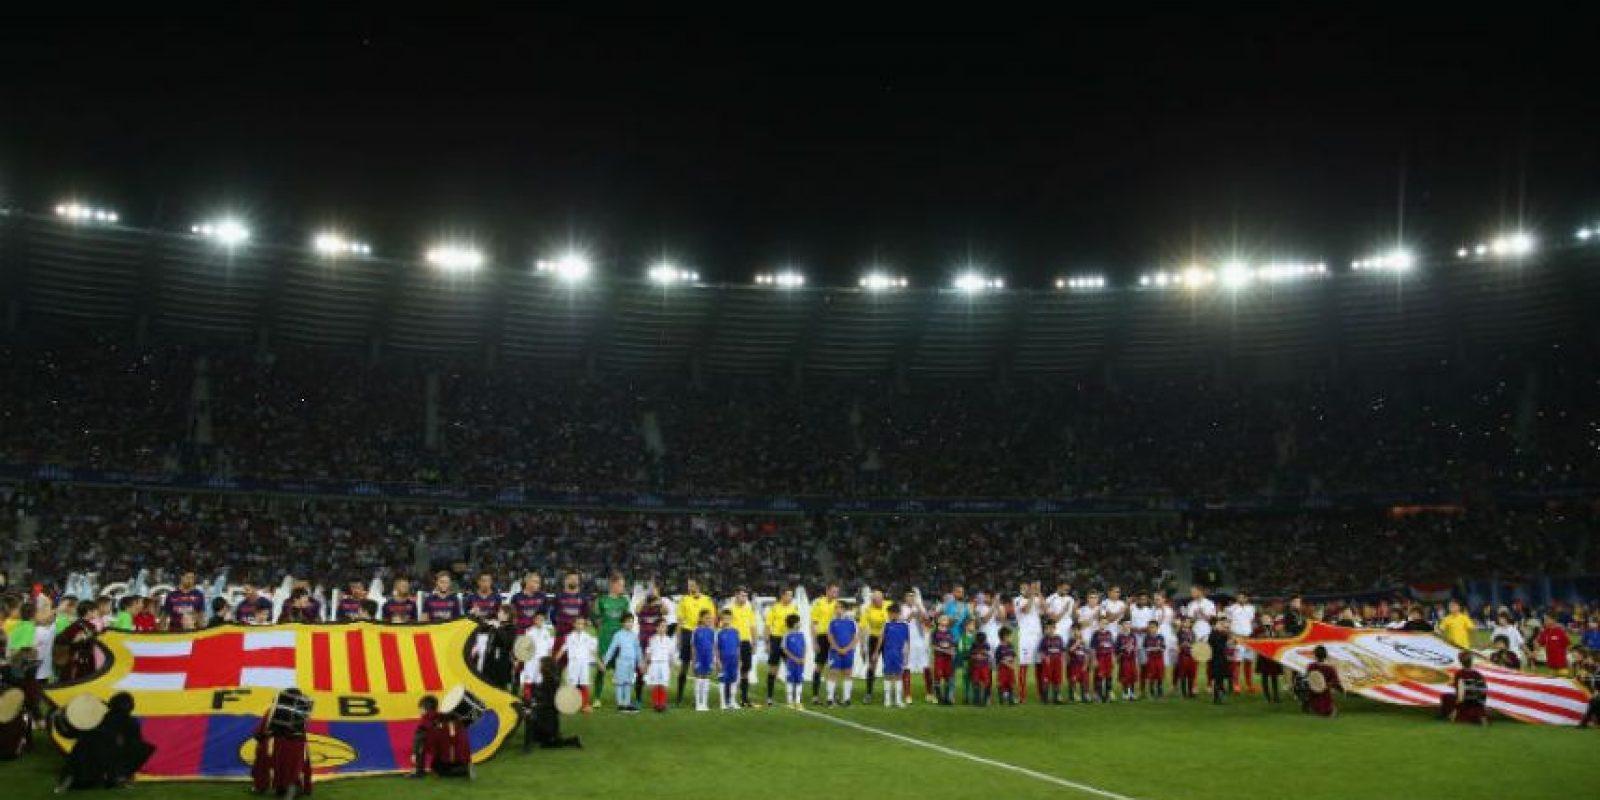 8. Estarán presentes los monarcas de Europa: Barcelona, campeón de la Champions, y Sevilla, monarca de la Europa League Foto:Getty Images